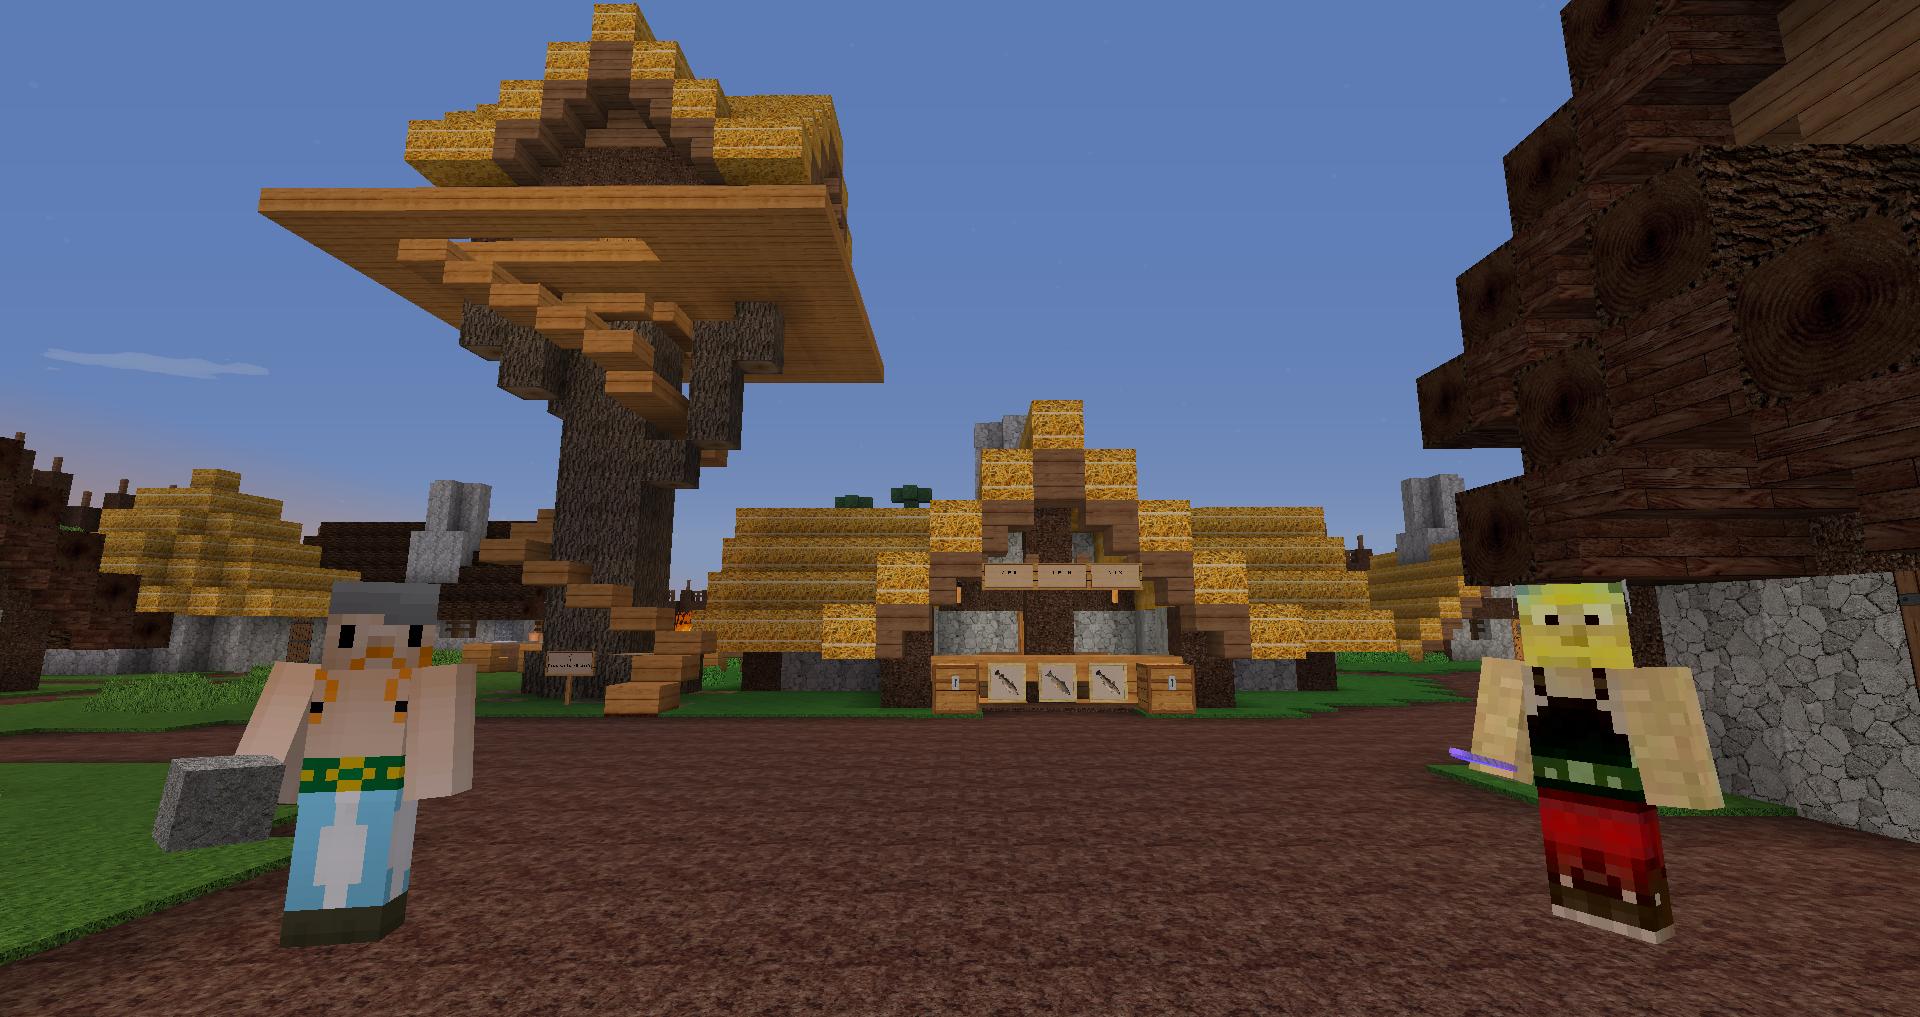 Projekt im Bau - Das Dorf von Asterix | Minecraft-Spielplatz